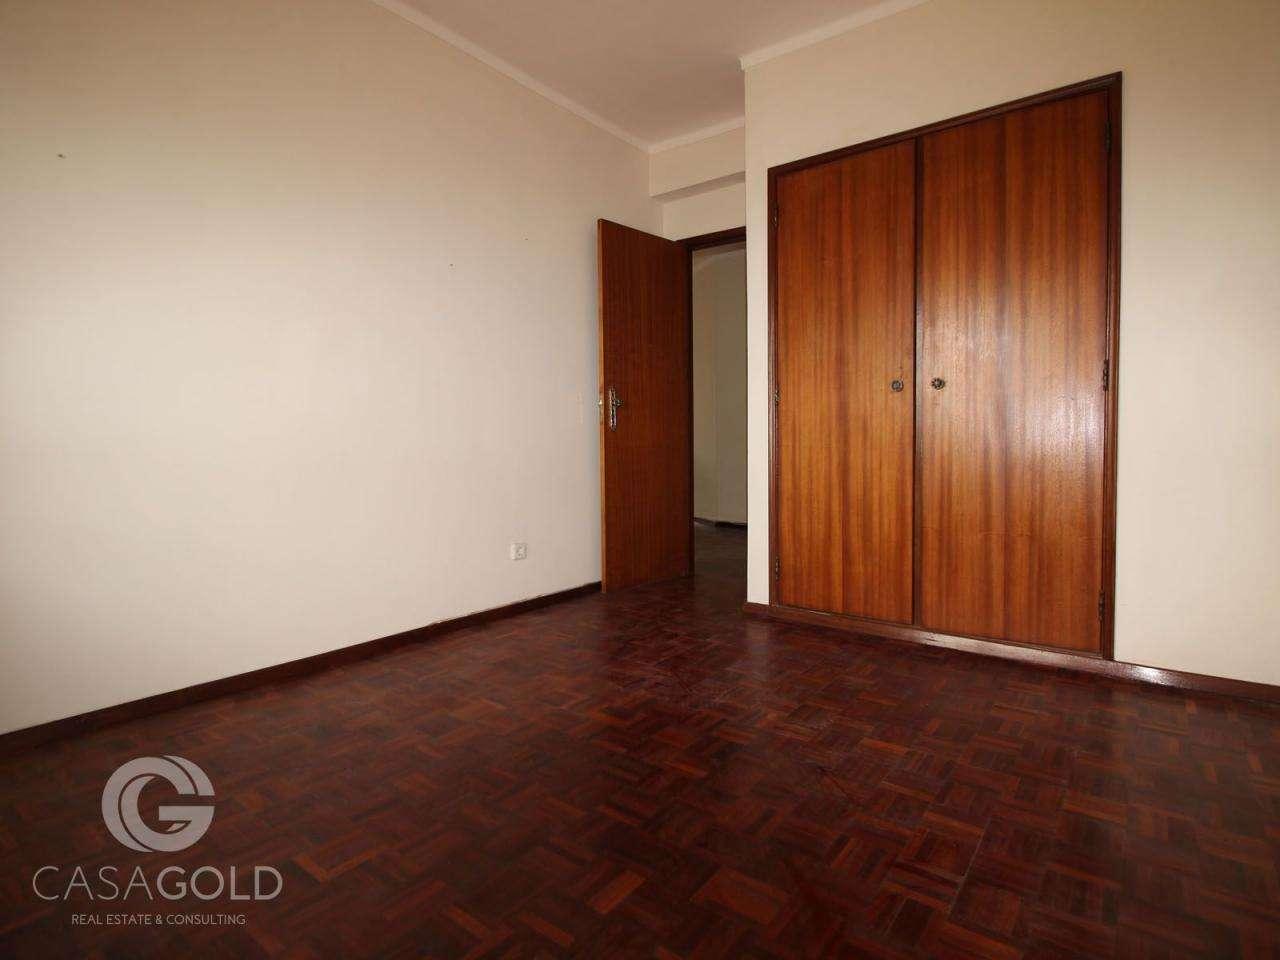 Apartamento para comprar, Caldas da Rainha - Nossa Senhora do Pópulo, Coto e São Gregório, Leiria - Foto 12